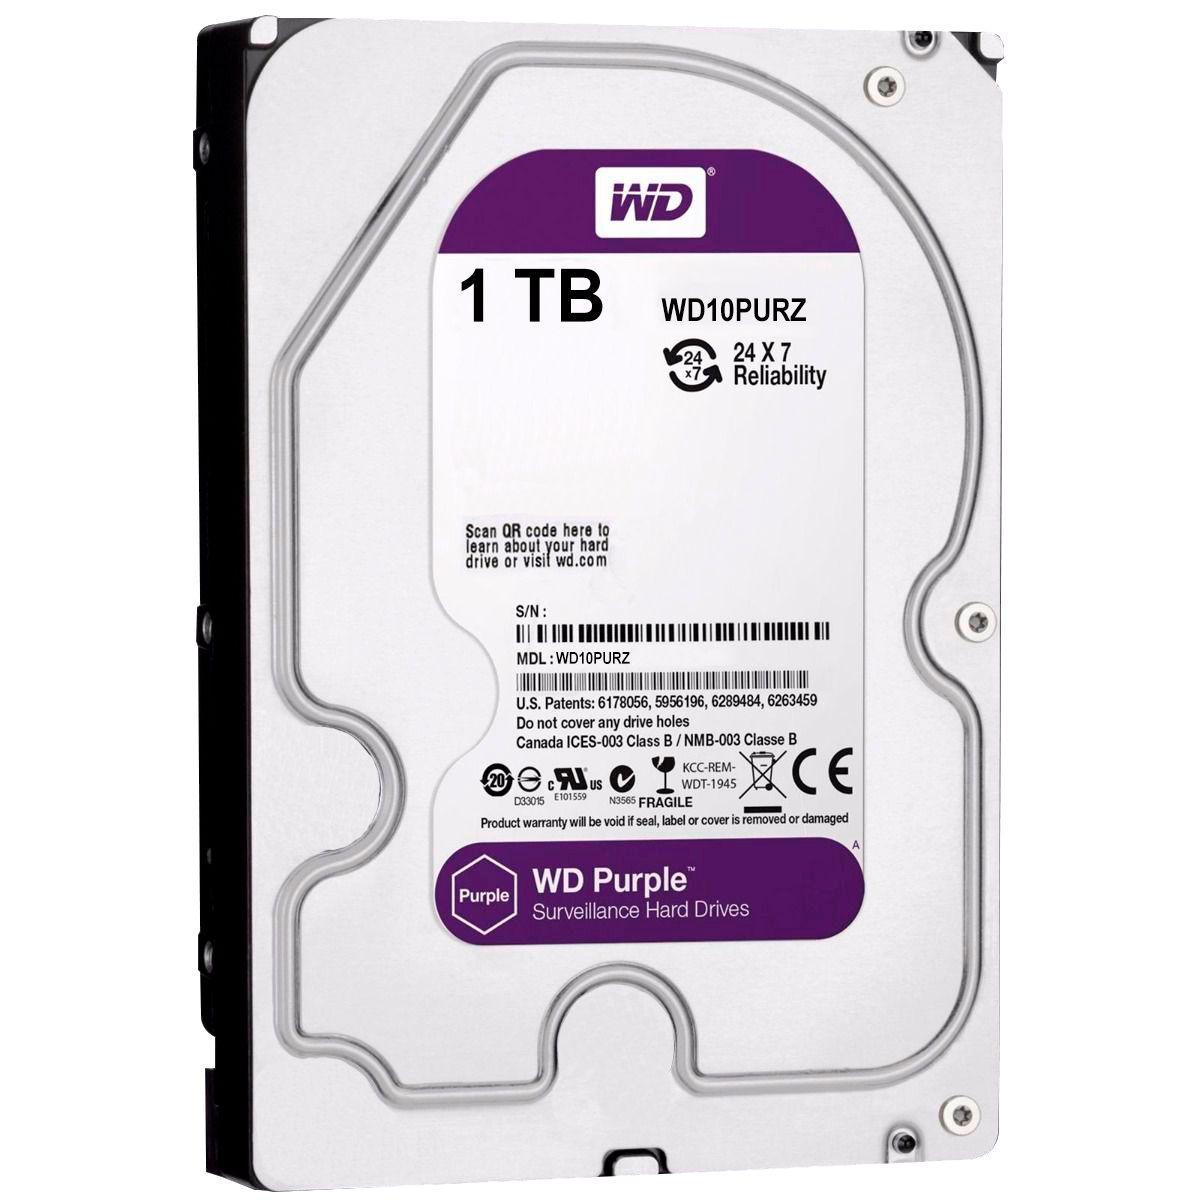 Kit 6 Câmeras de Segurança HD 720p Intelbras VHD 1010D G6 DVR de 8 Canais e HD 1TB